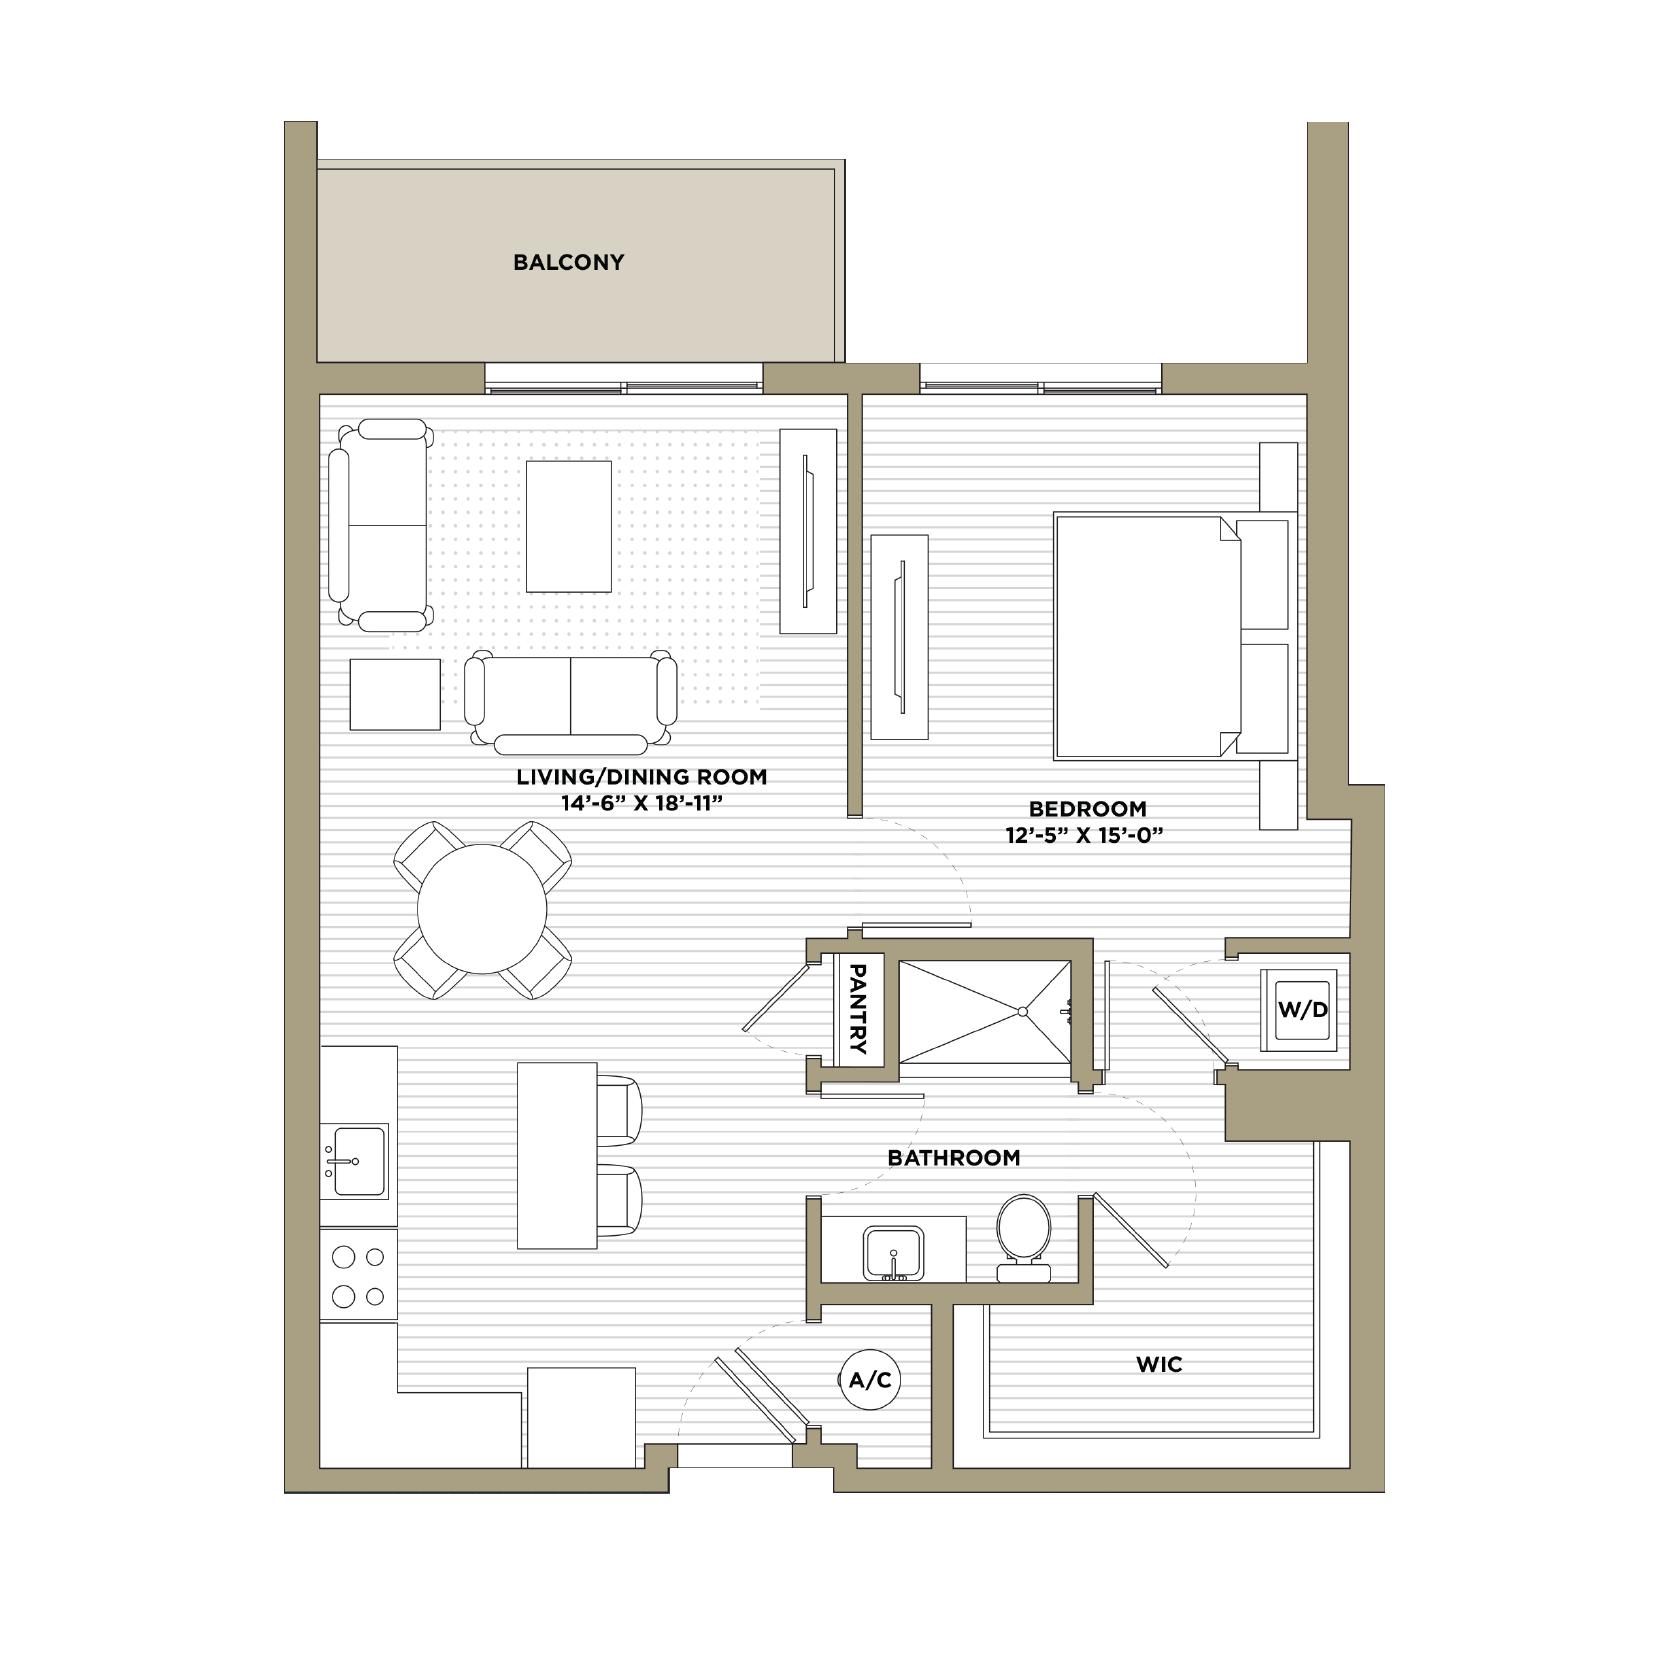 A13 - 1 Bedroom / 1 Bathroom893 sq. ft.